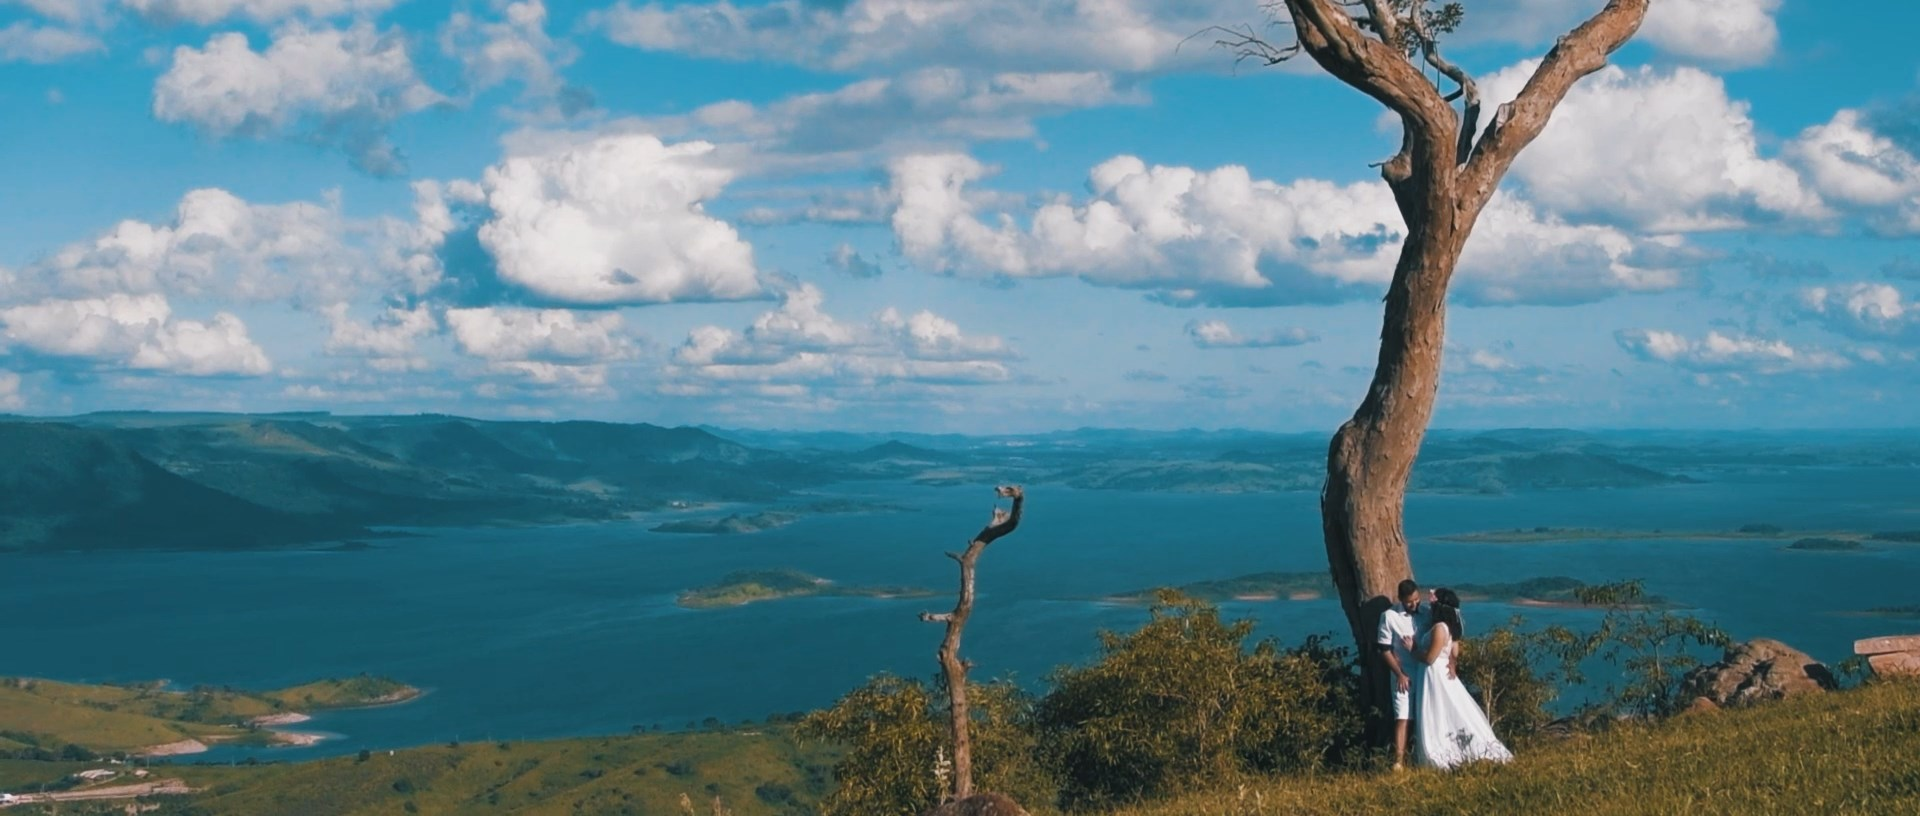 Lindo Love Story filmado no Morro do Gavião - Suelen + Leonardo